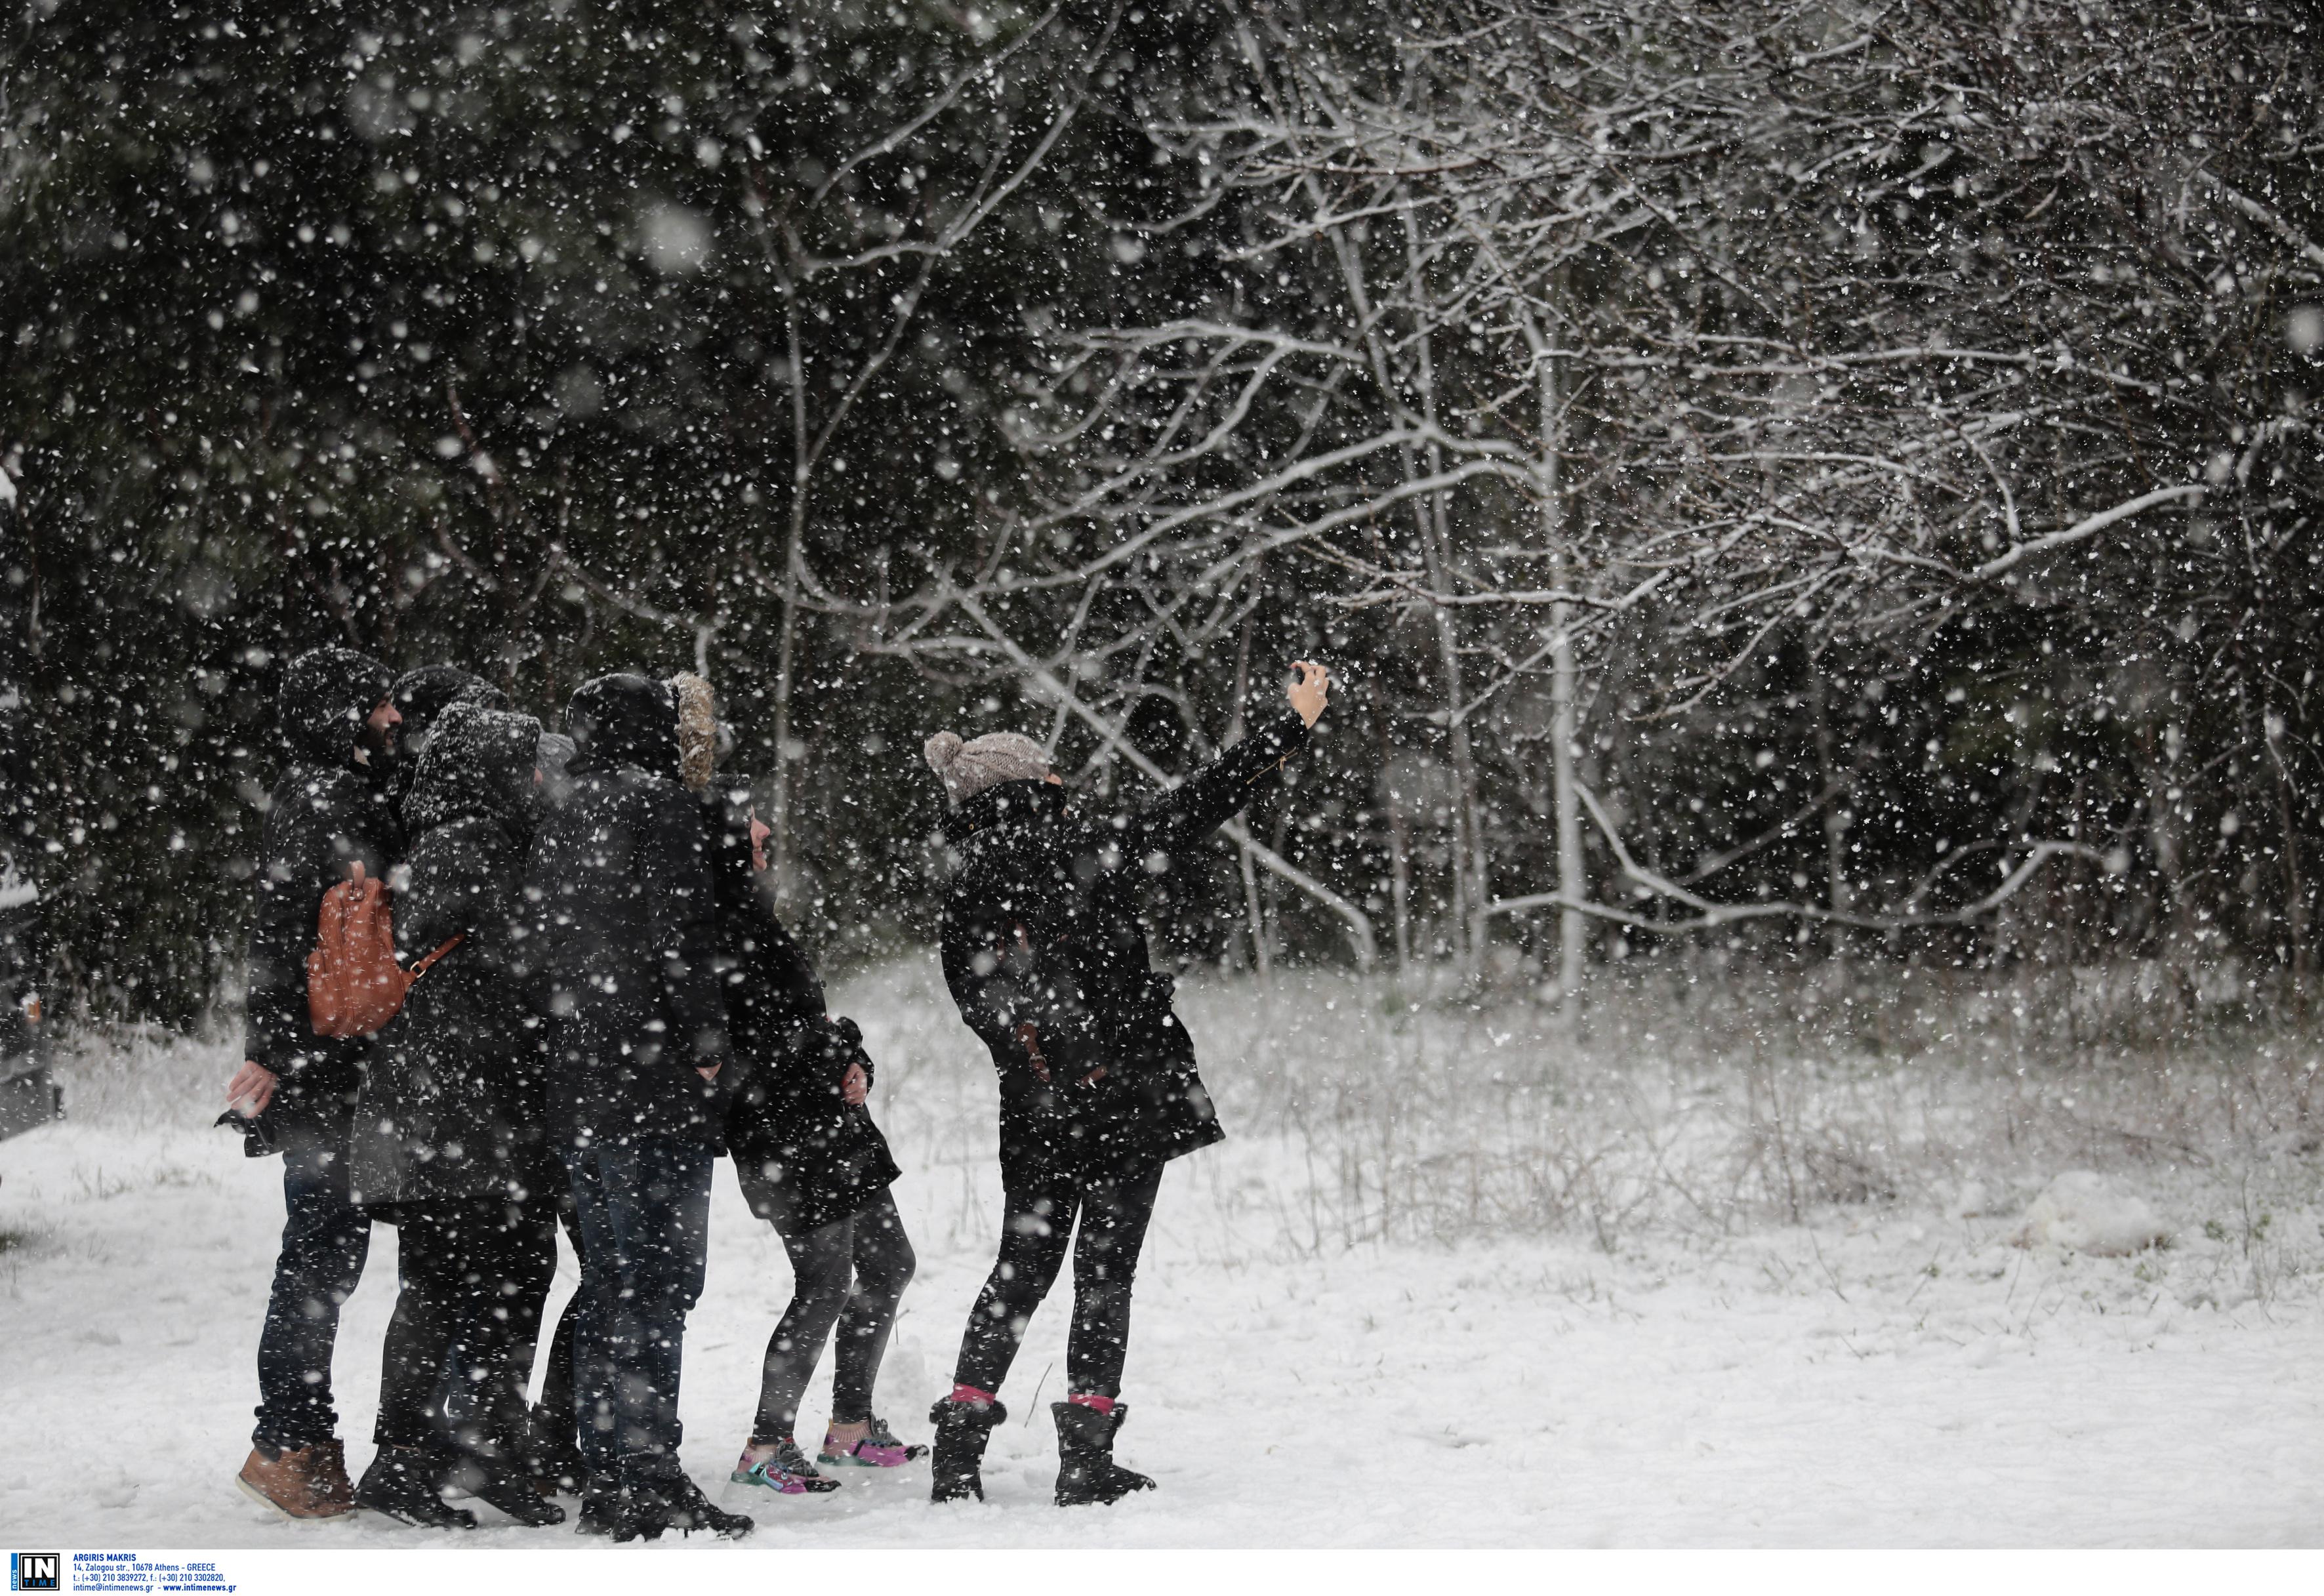 Χιόνια και σε χαμηλό υψόμετρο στην Αττική – Τσουχτερό κρύο και βοριάδες 10 μποφόρ